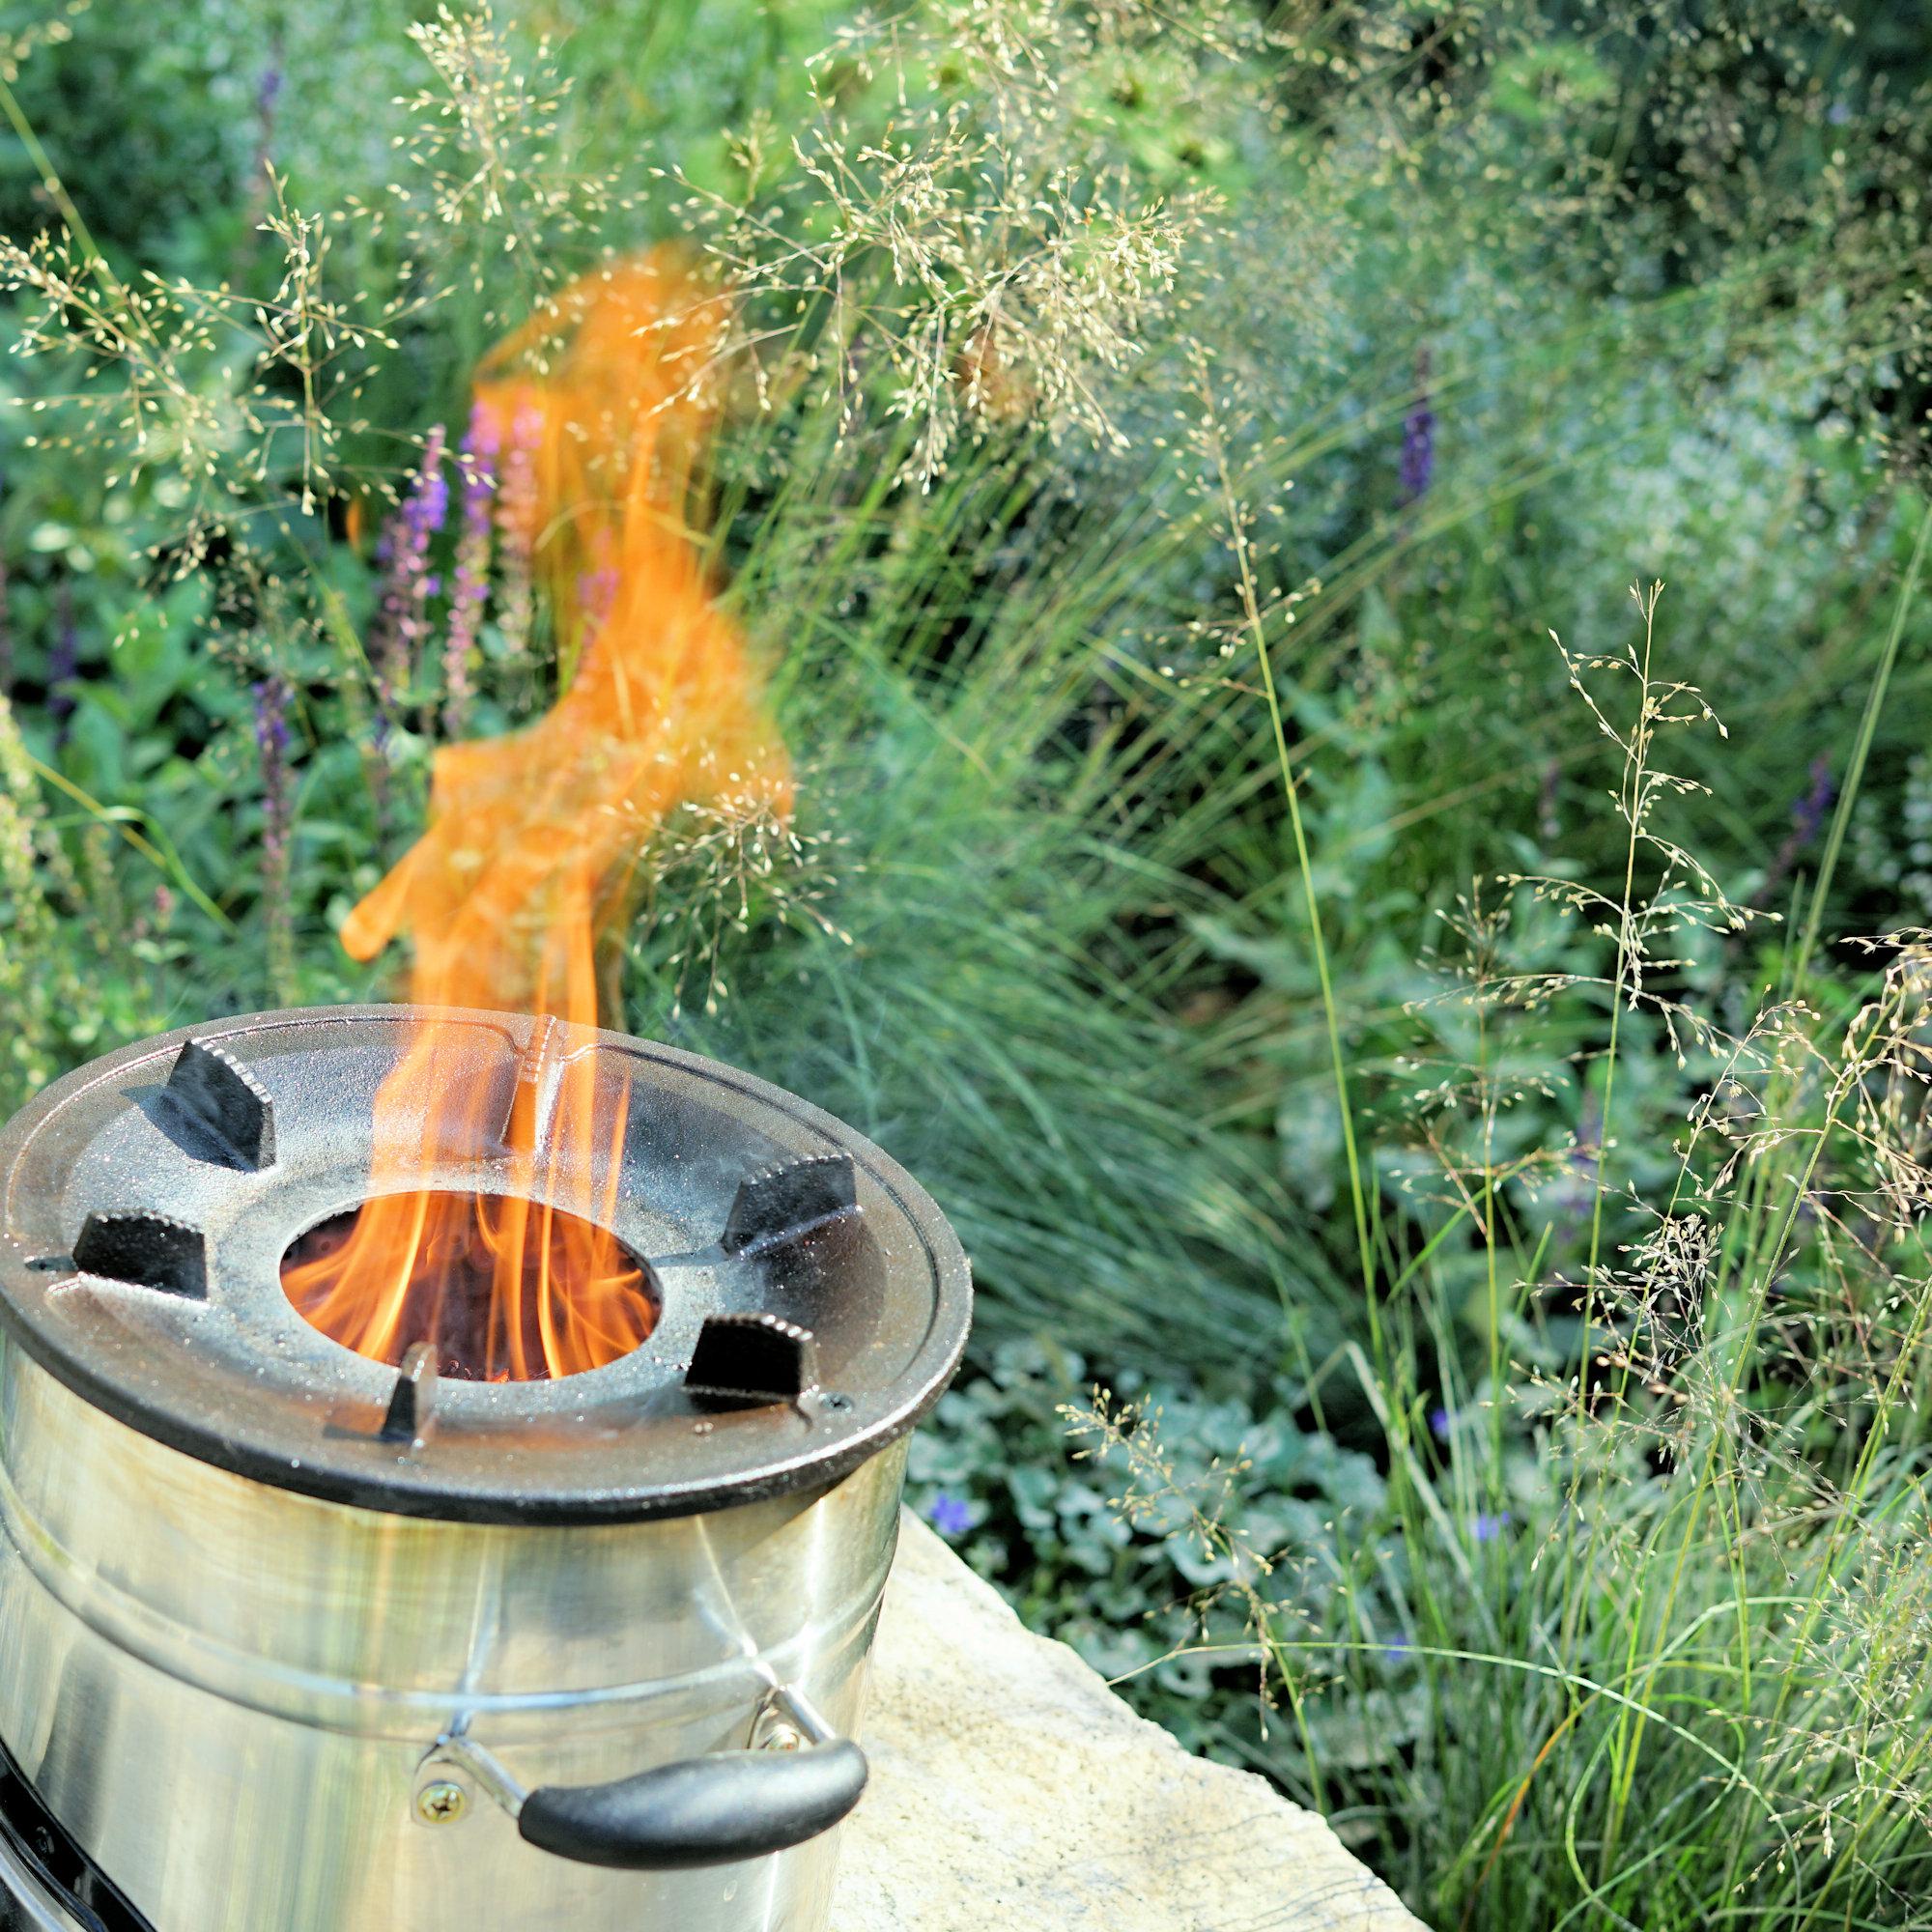 Raketenofen Mobile Feuerstelle Zum Braten Kochen Grillen Campfeuer De Der Onlineshop Fur Camping Und Outdoor